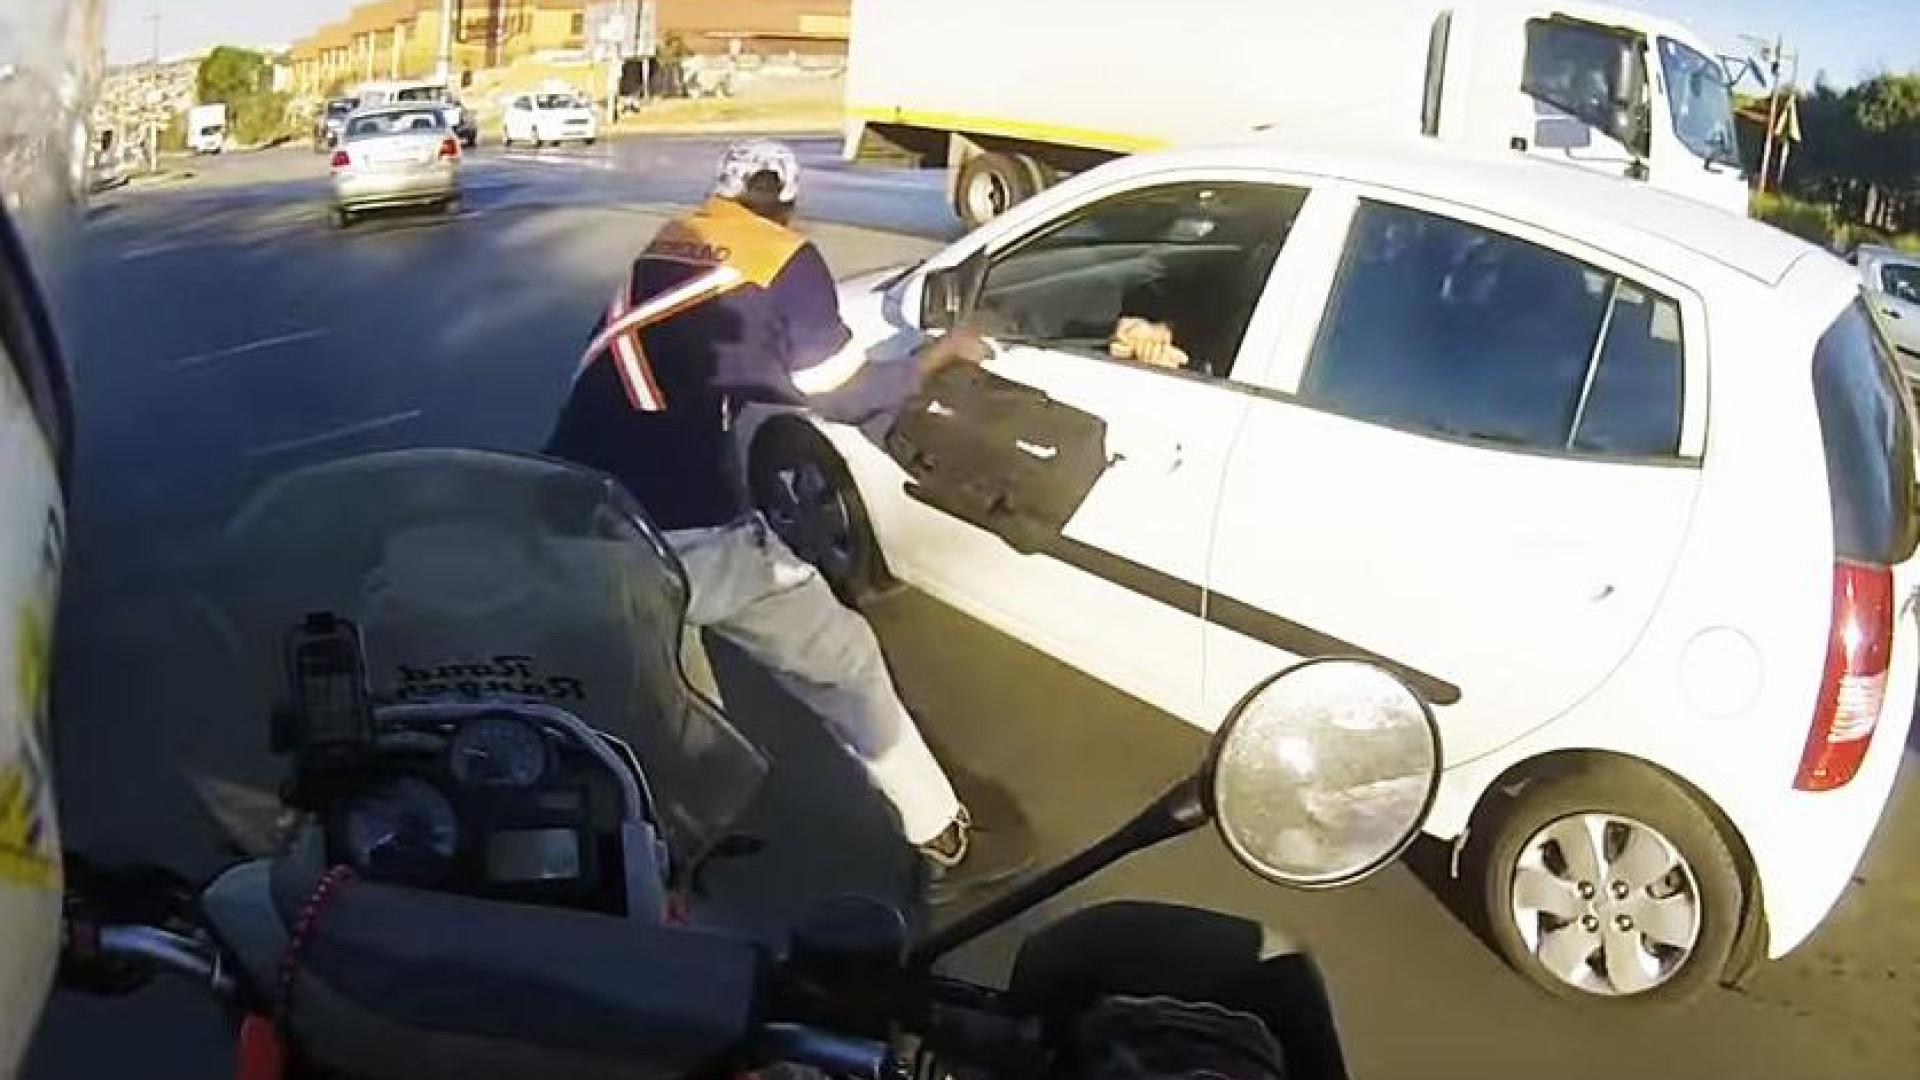 Pronta reação de motorista impede assalto na África do Sul